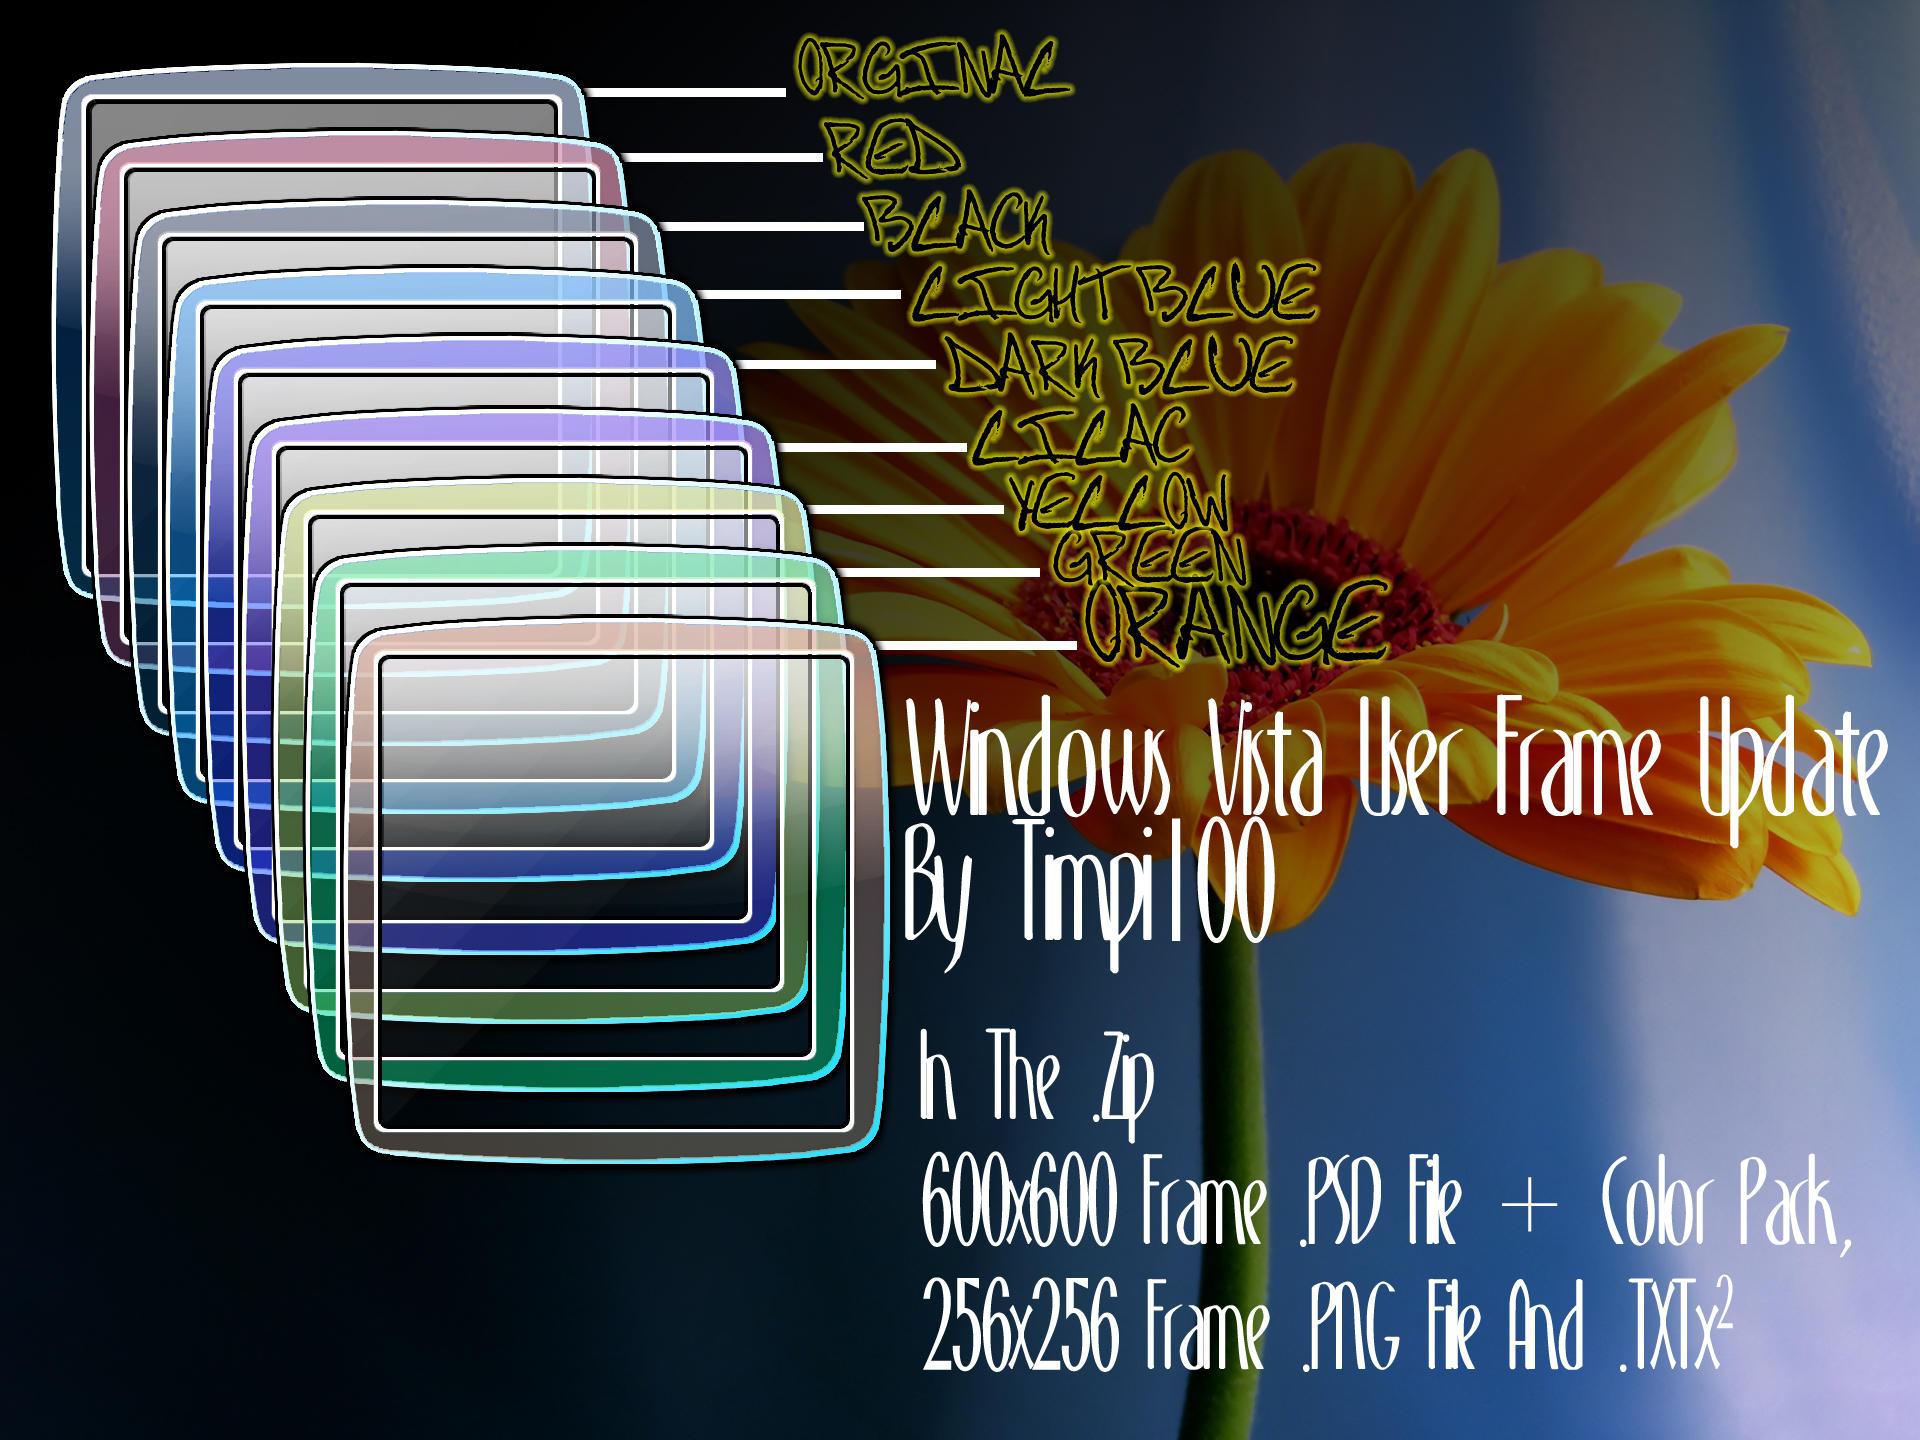 Vista User Frame Update by Timpi100